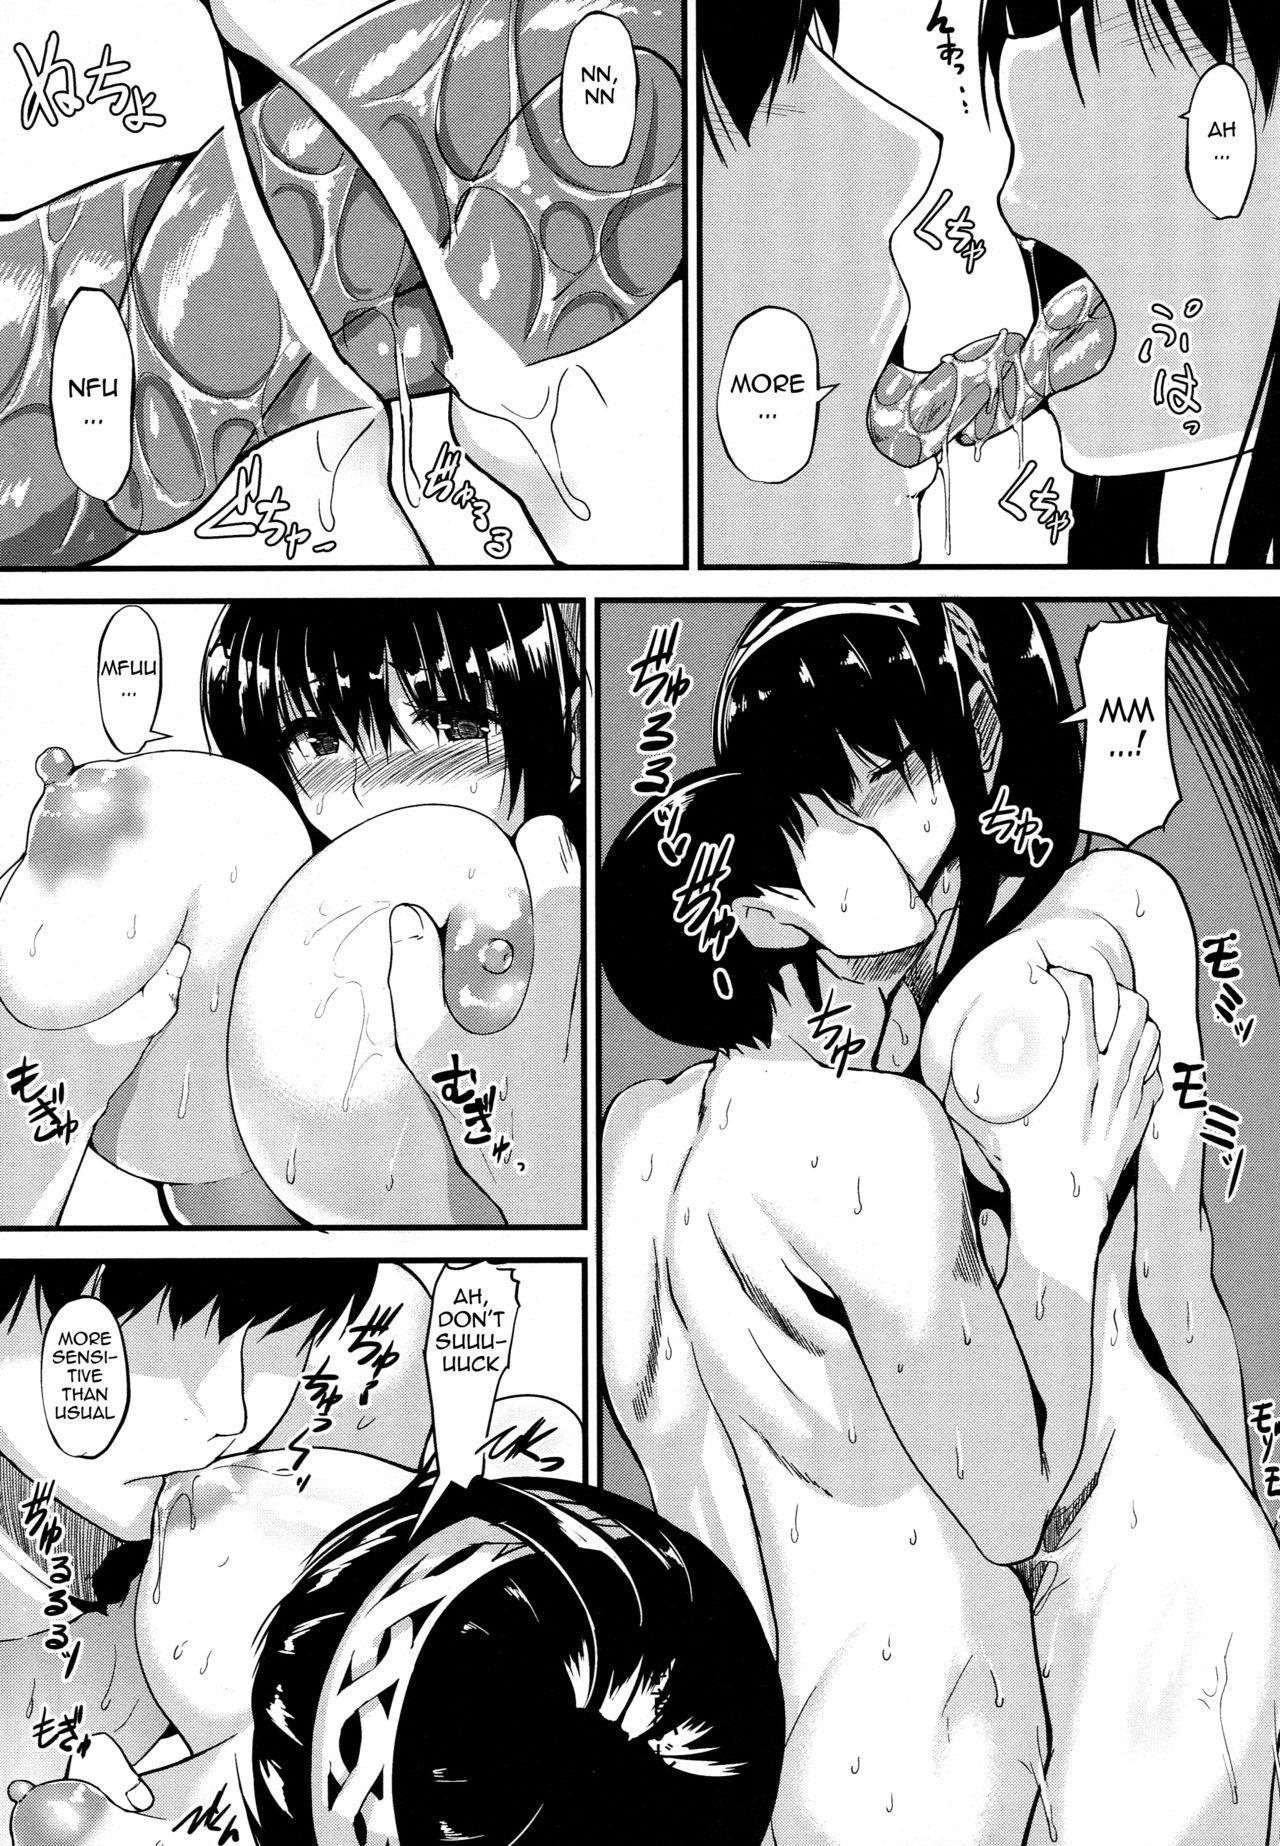 Konna ni mo Itooshii 2 13